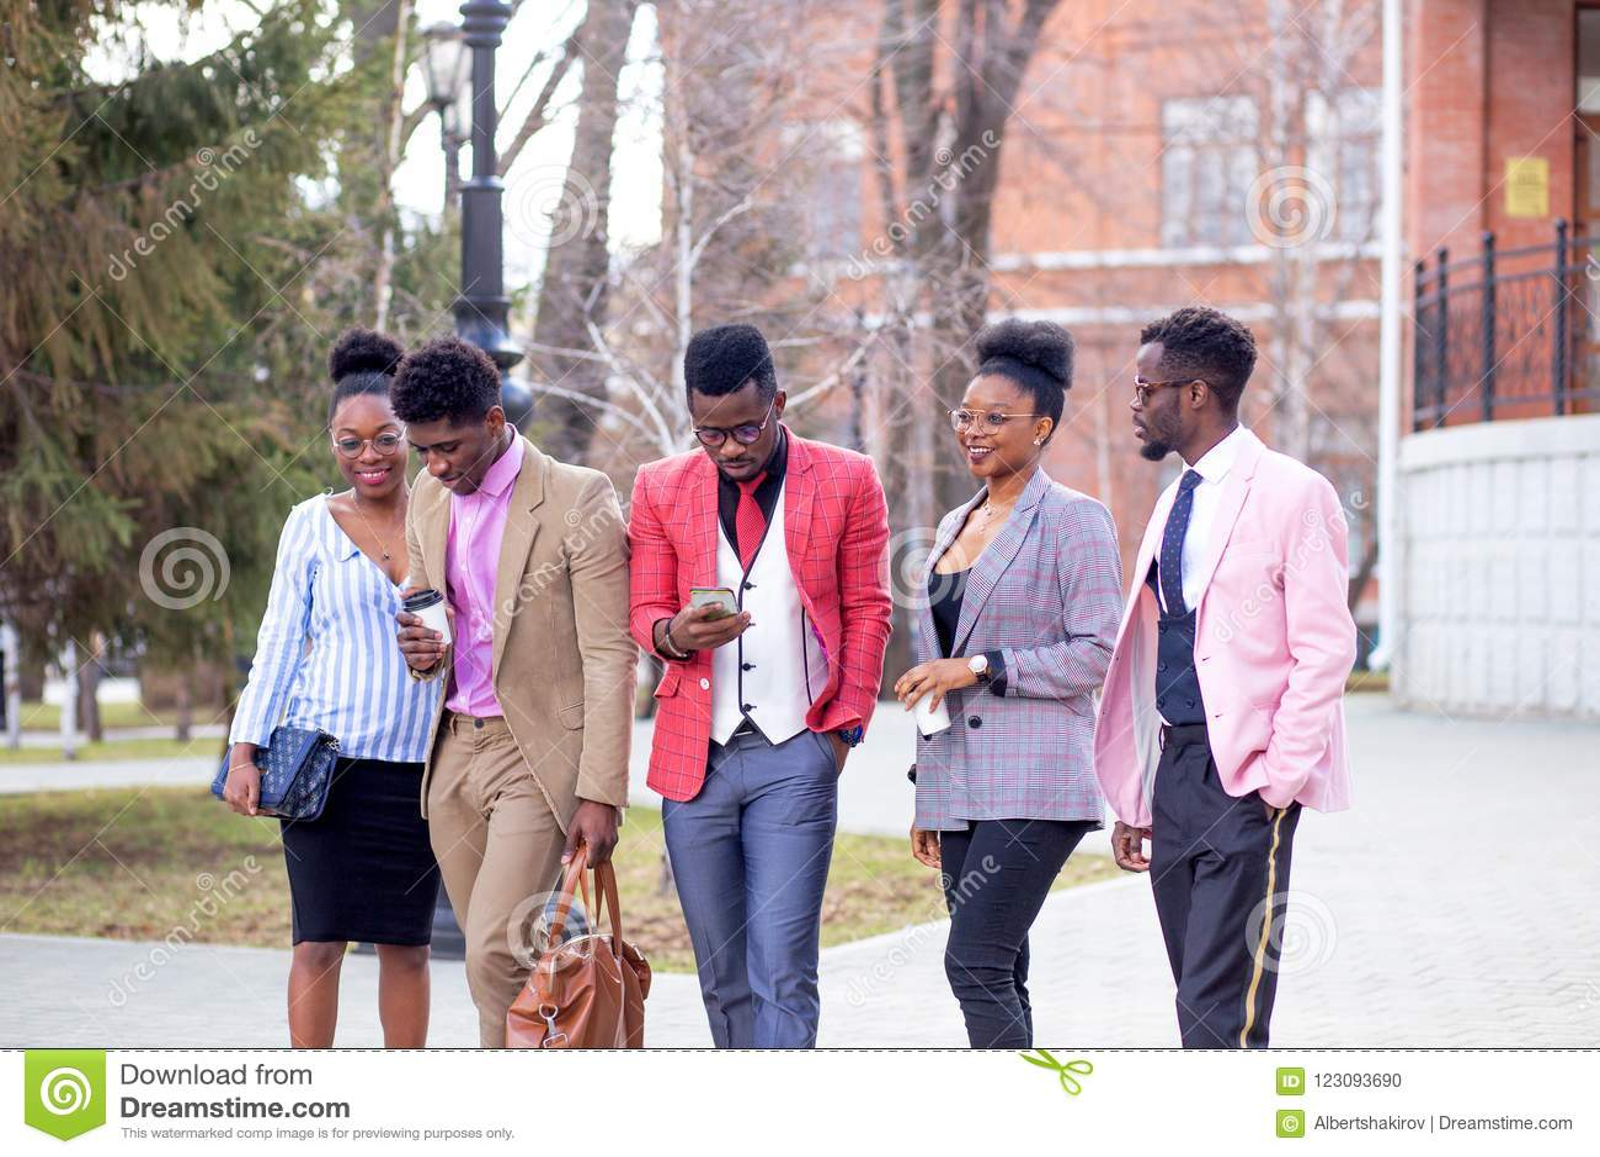 Freizeit und Jugendkonzept eine Gruppe glückliche Freunde, die auf die Straße schlendern